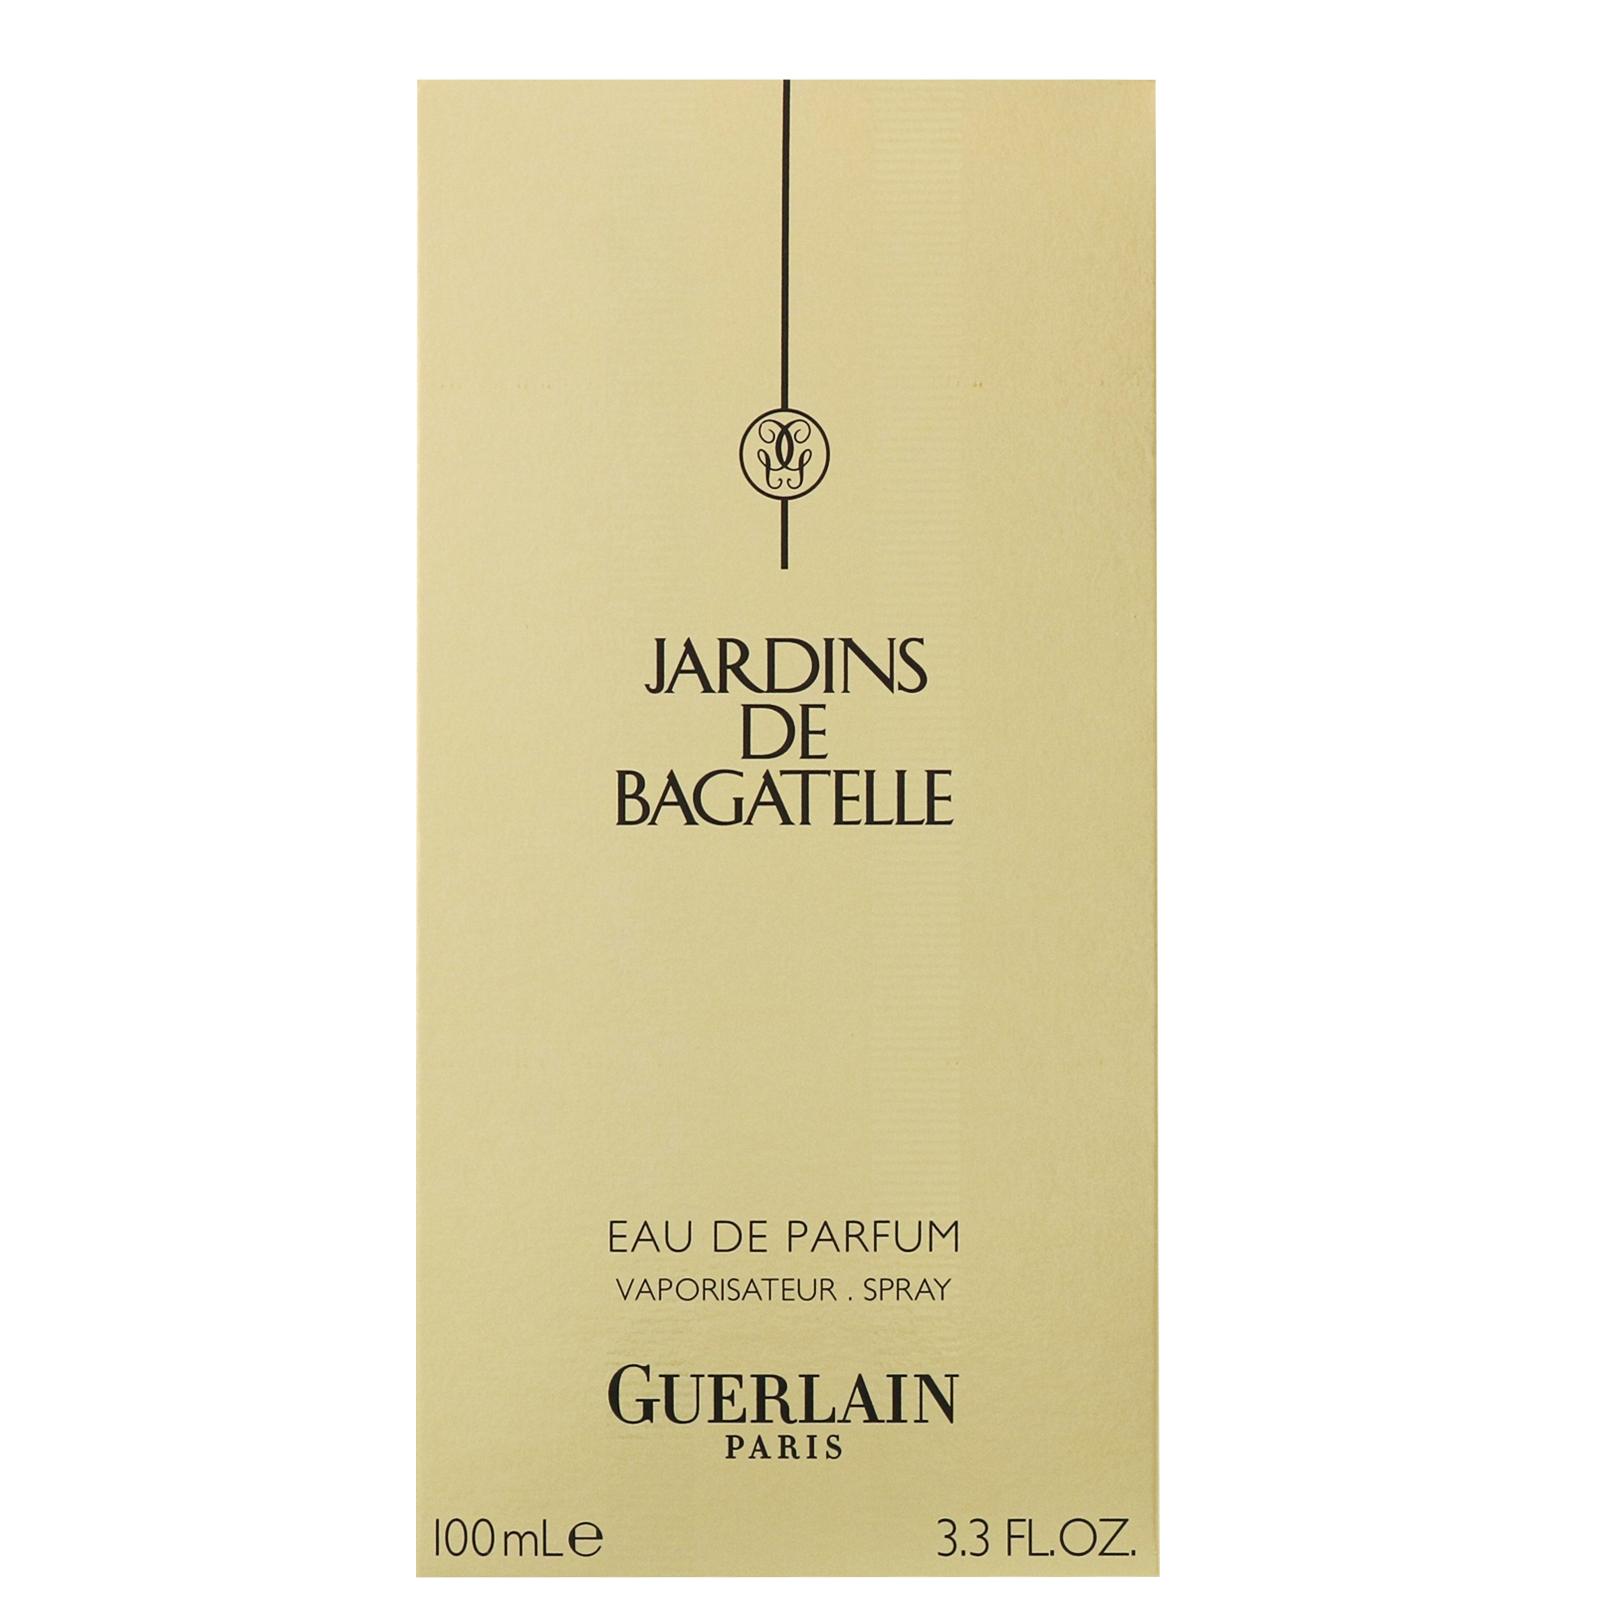 Guerlain Jardins De Bagatelle Eau De Parfum Spray 100Ml / 3.3 Fl.oz. pour Jardin De Bagatelle Guerlain